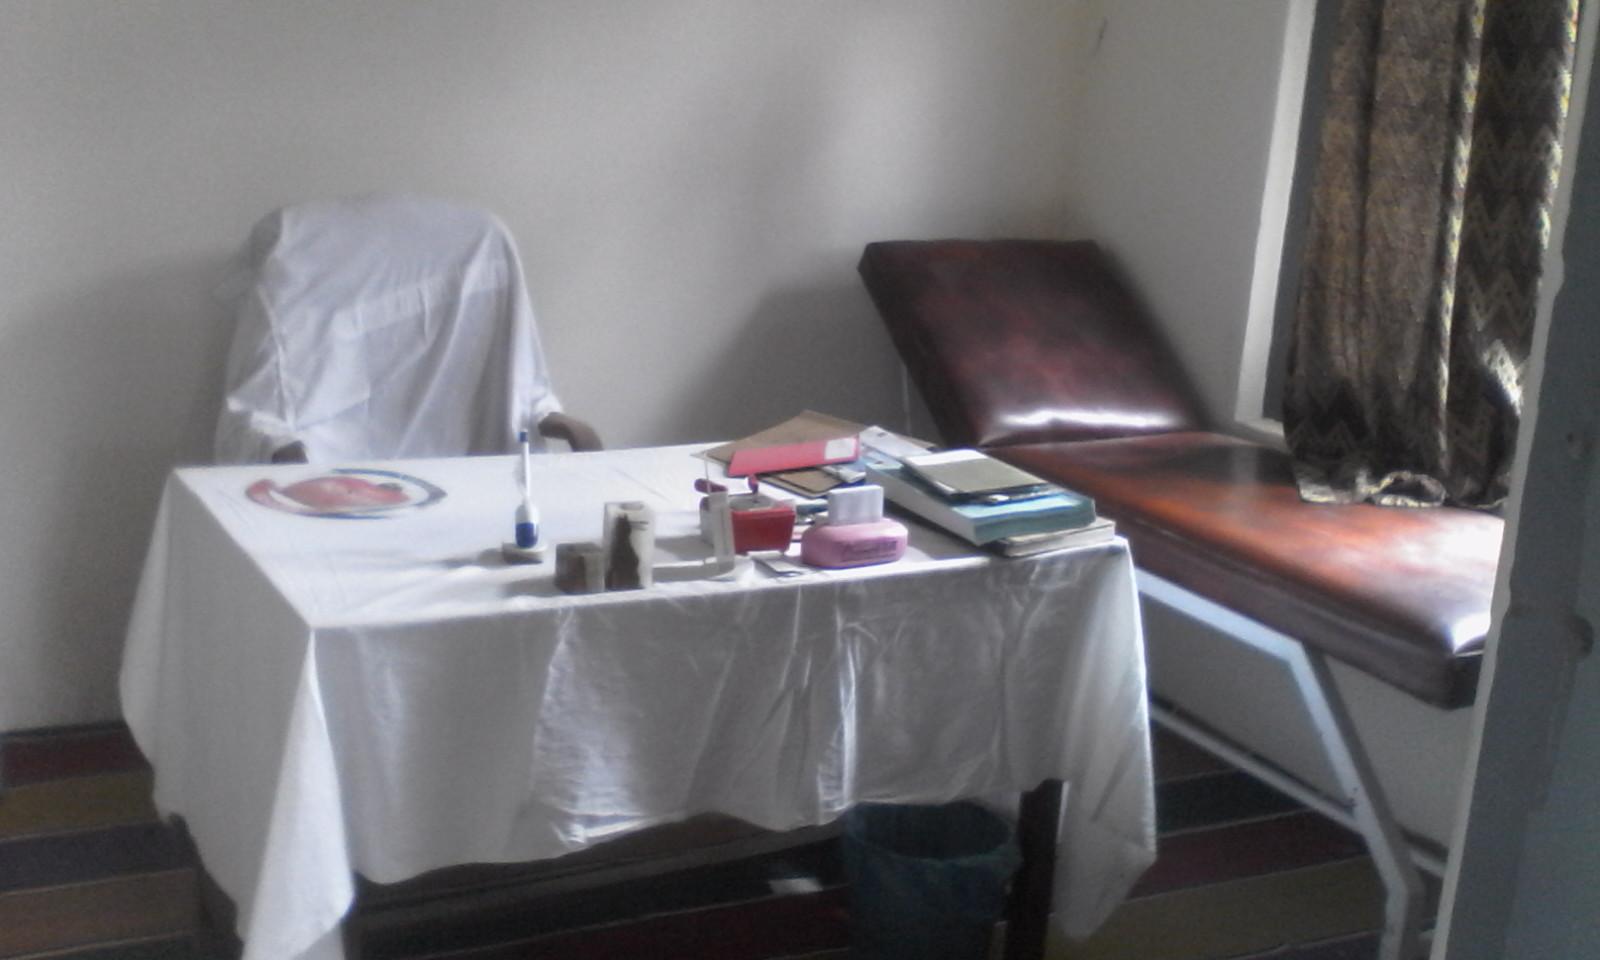 کریم آباد، خواتین کے لیے قائم ہسپتال میں سات مہینوں سے لیڈی ڈاکٹر تعیںات نہ ہوسکی